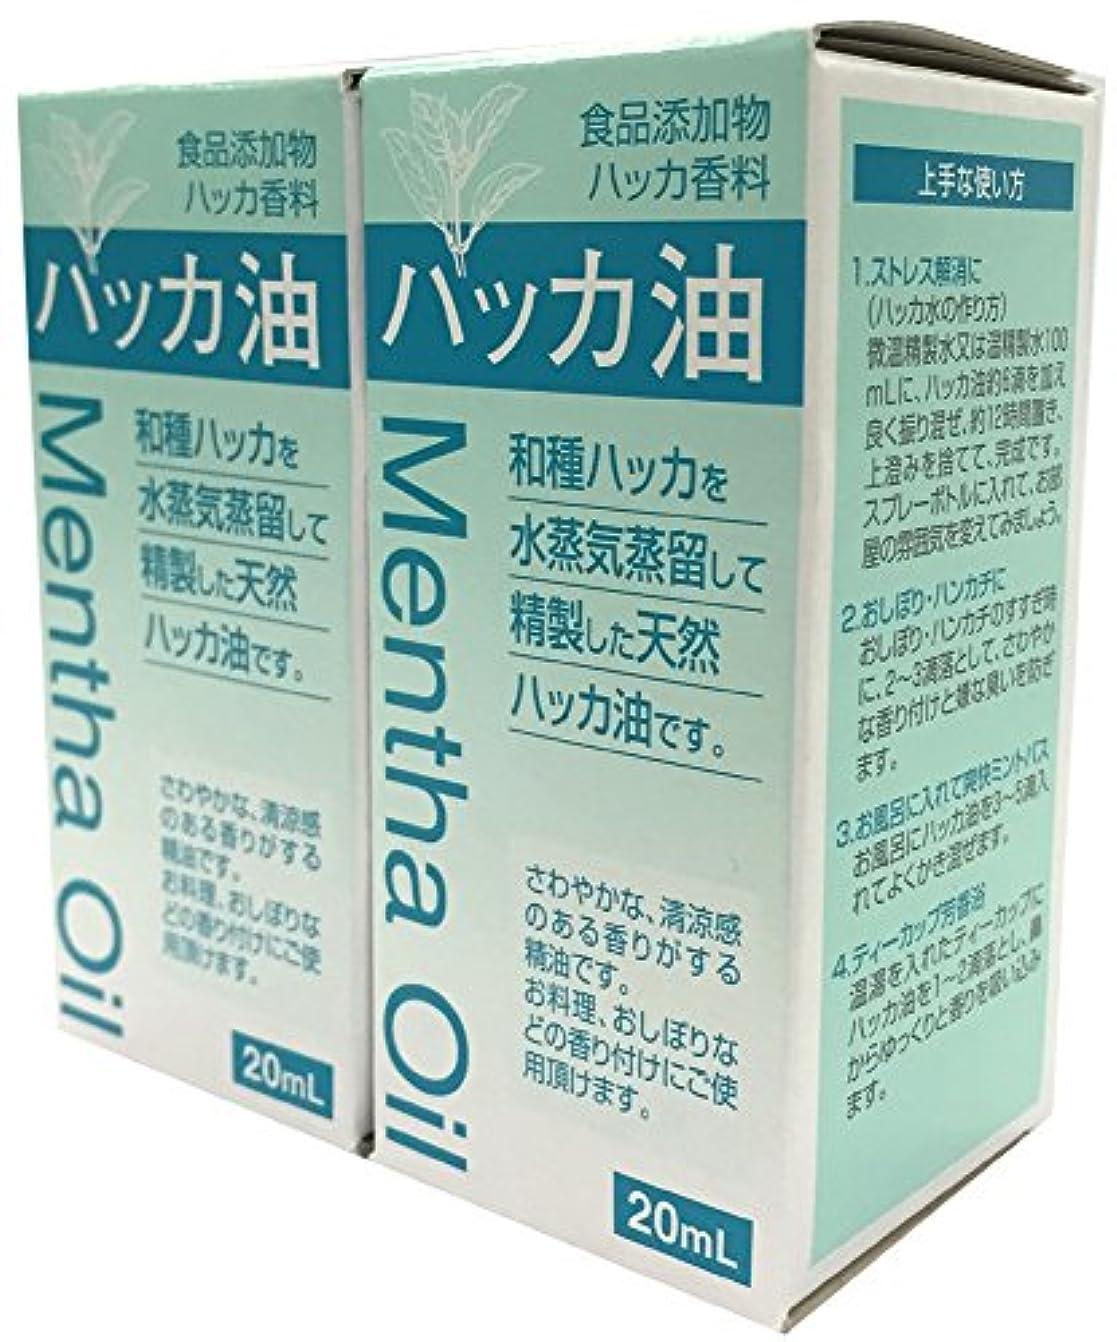 階層オッズ魔術食品添加物 ハッカ油 20mL 2個セット